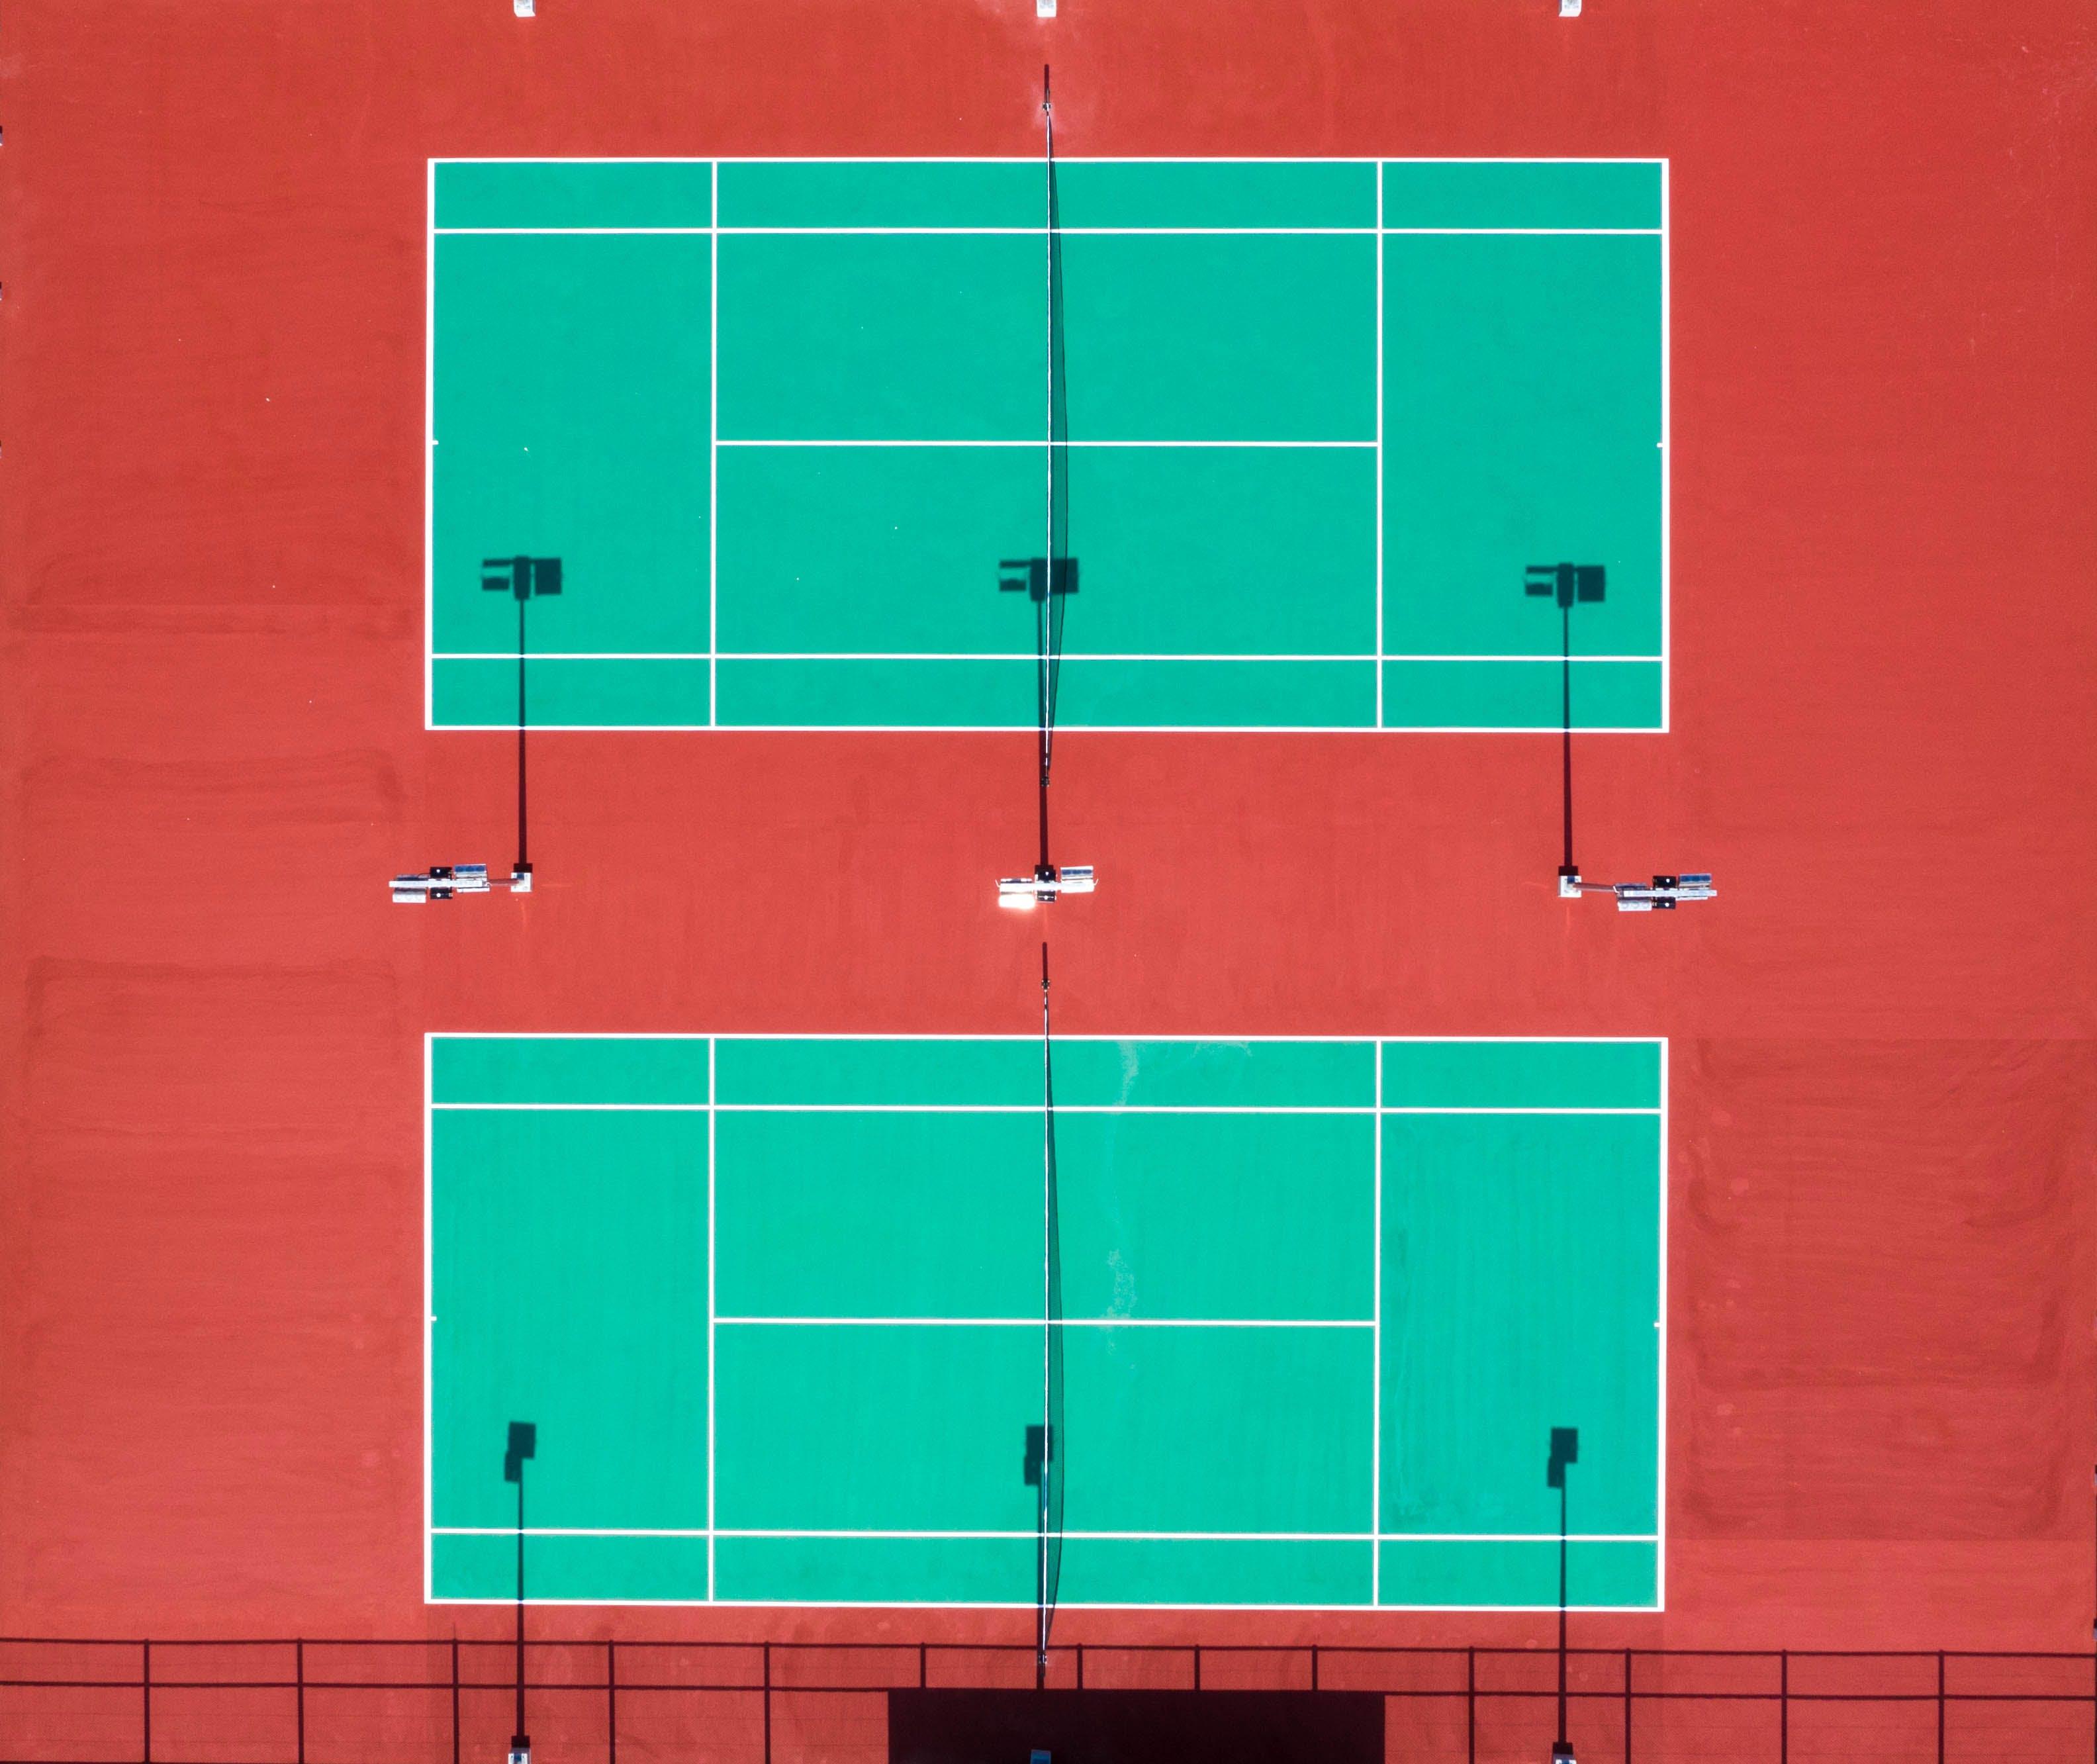 Бесплатное стоковое фото с корт, с высоты птичьего полета, сверху, теннисный корт